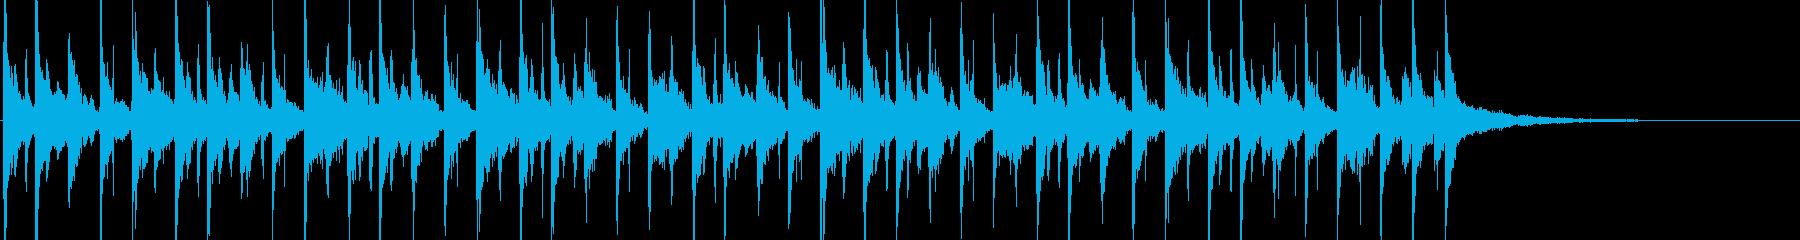 ギターとマリンバのちょっと不思議なんの再生済みの波形